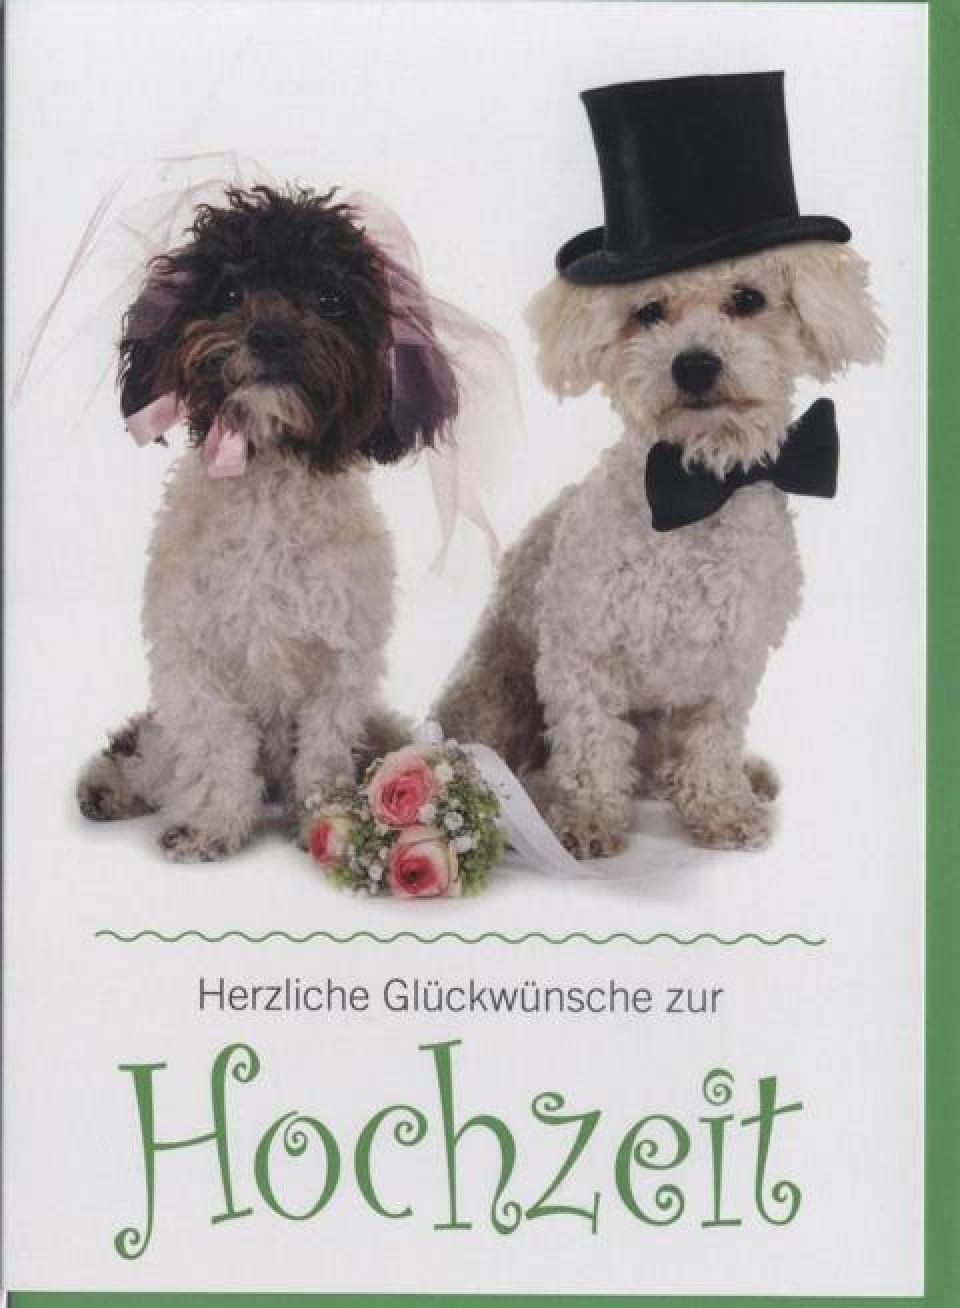 Bilder Hochzeit Lustig  Glückwunschkarte zur Hochzeit Hunde Tiere Herzlichen